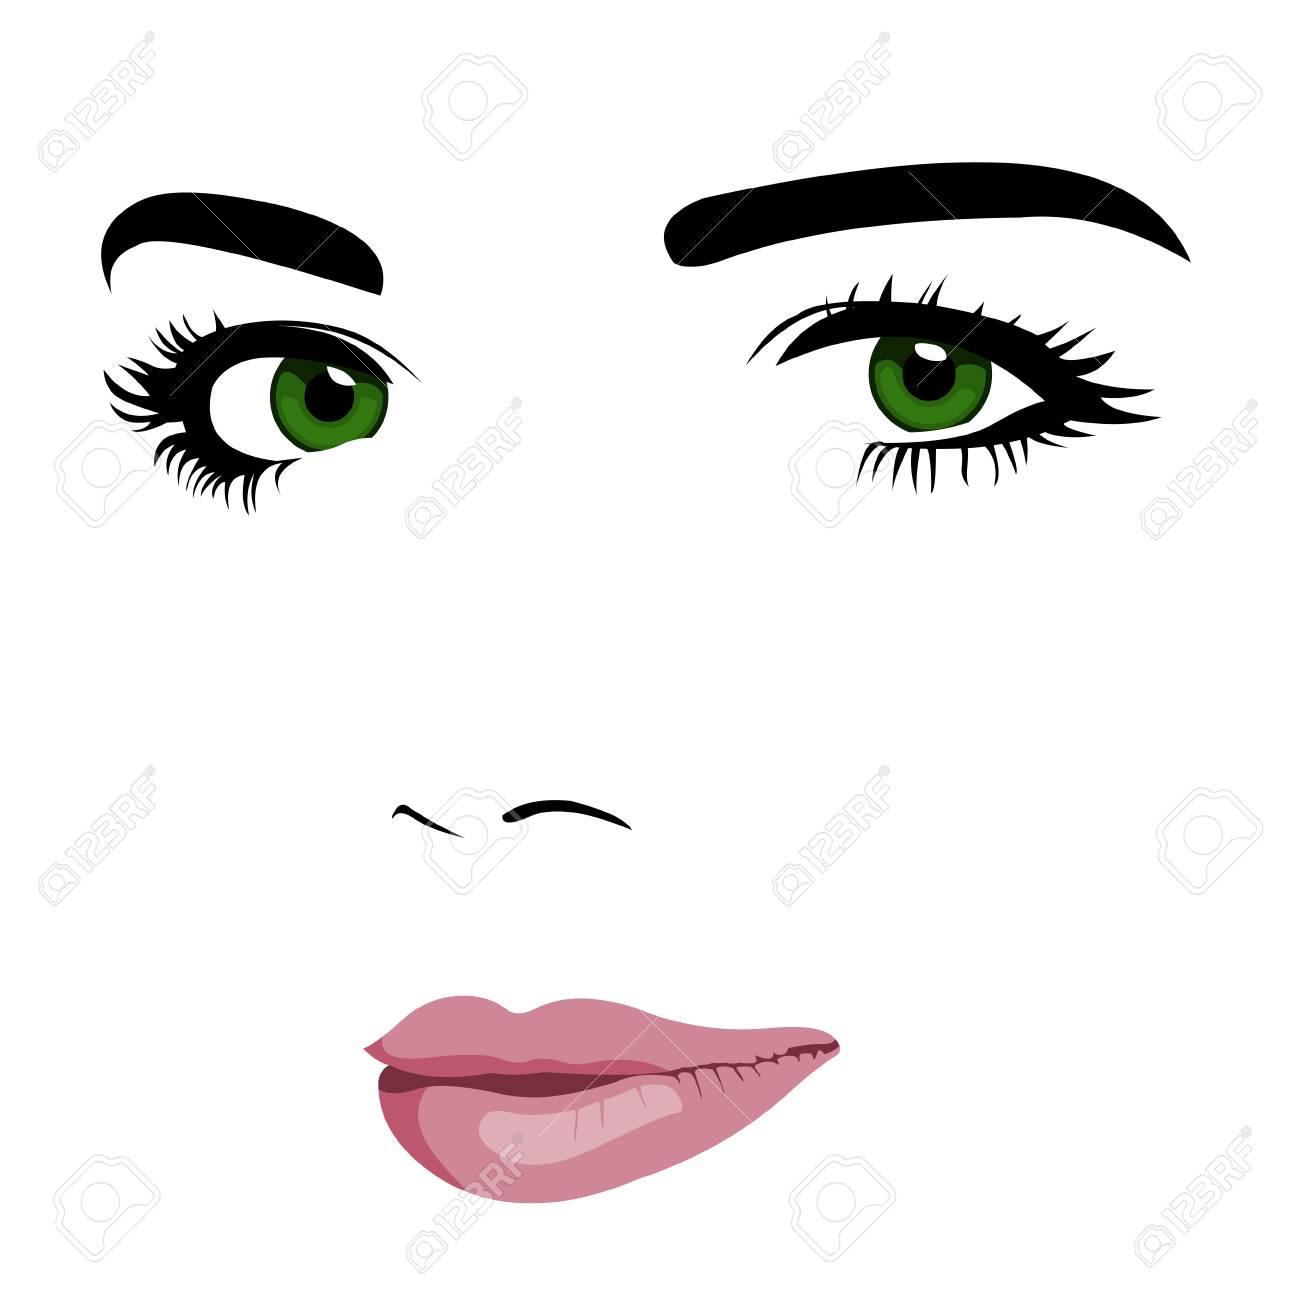 若い緑色の目女性顔のミニマリズム ポップなアート スタイル 簡単に